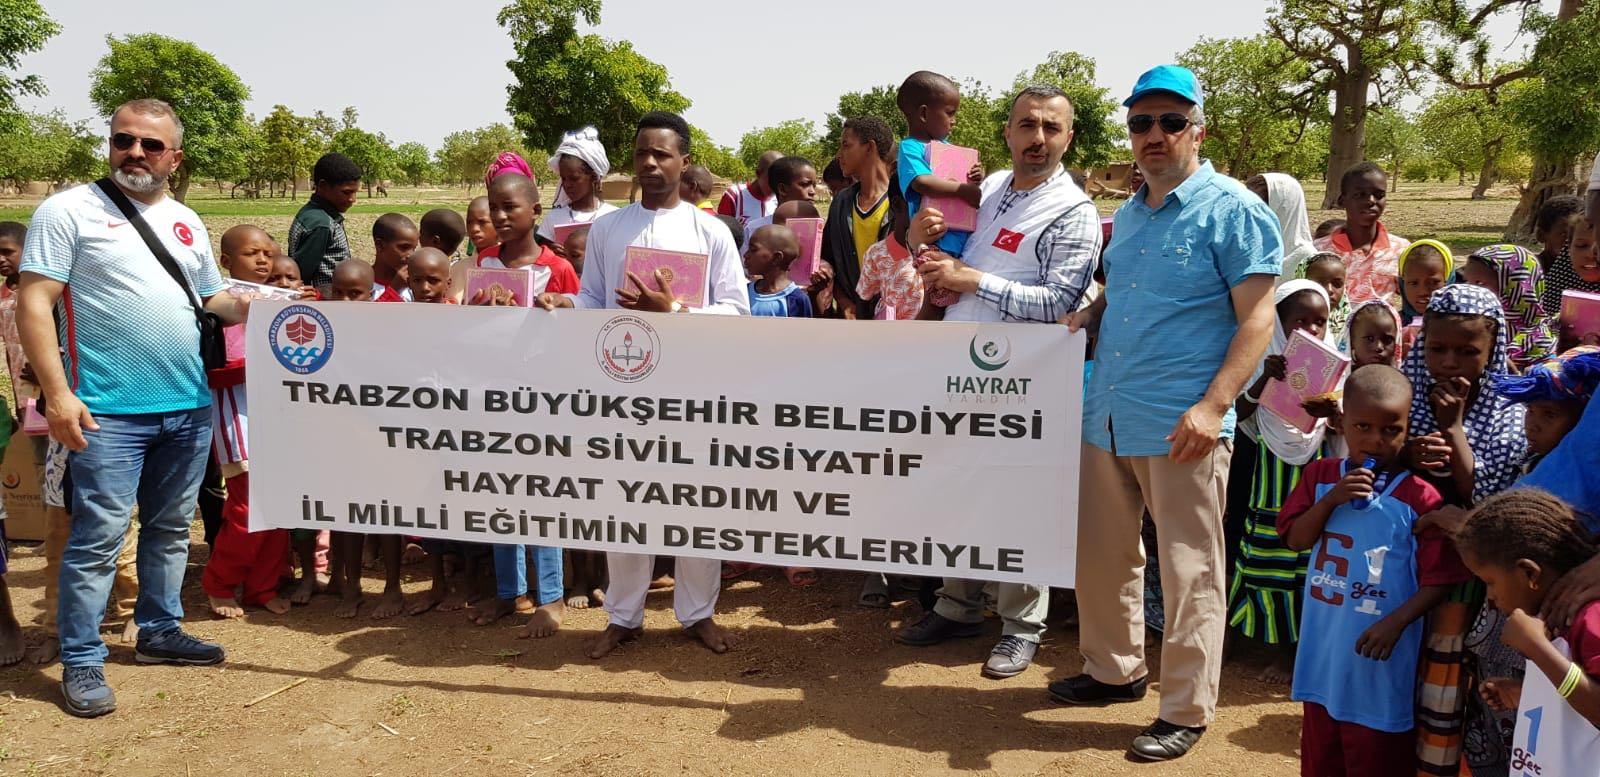 Trabzon'dan Afrika ülkelerine Kur'an-ı Kerim yardımı